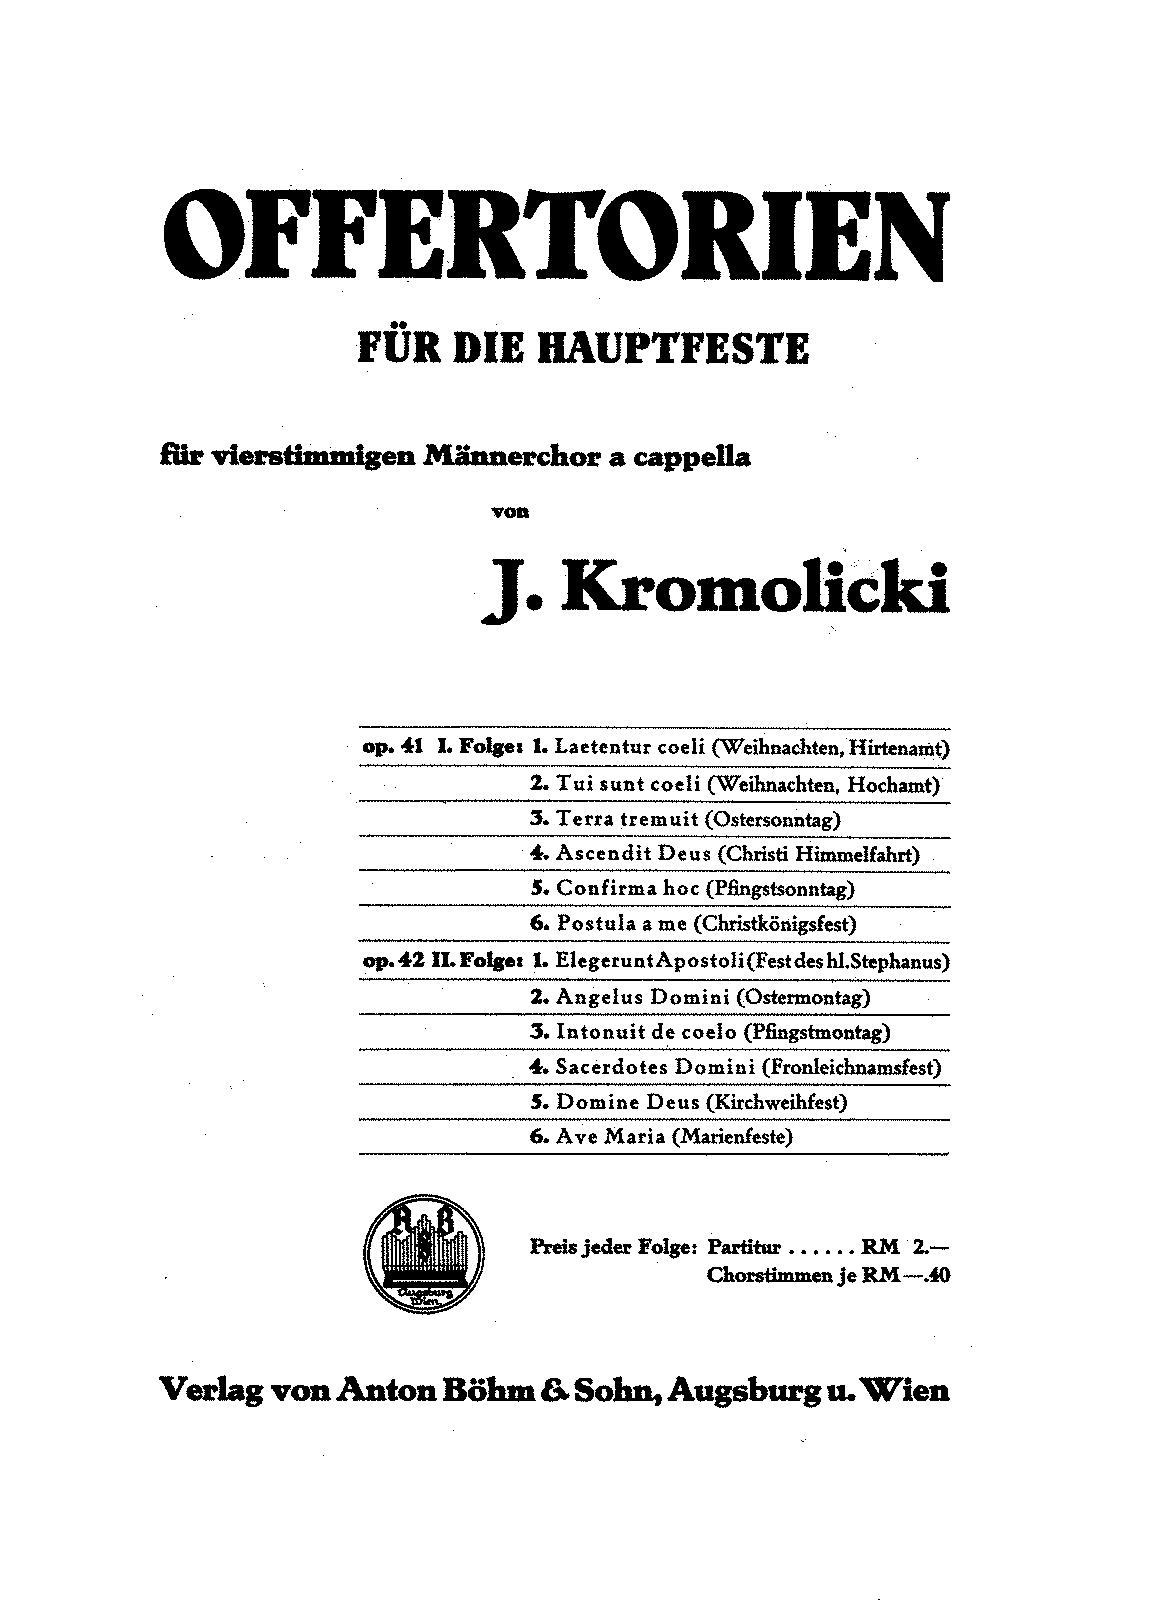 Offertorien für die Hauptfeste, Op.42 (Kromolicki, Joseph